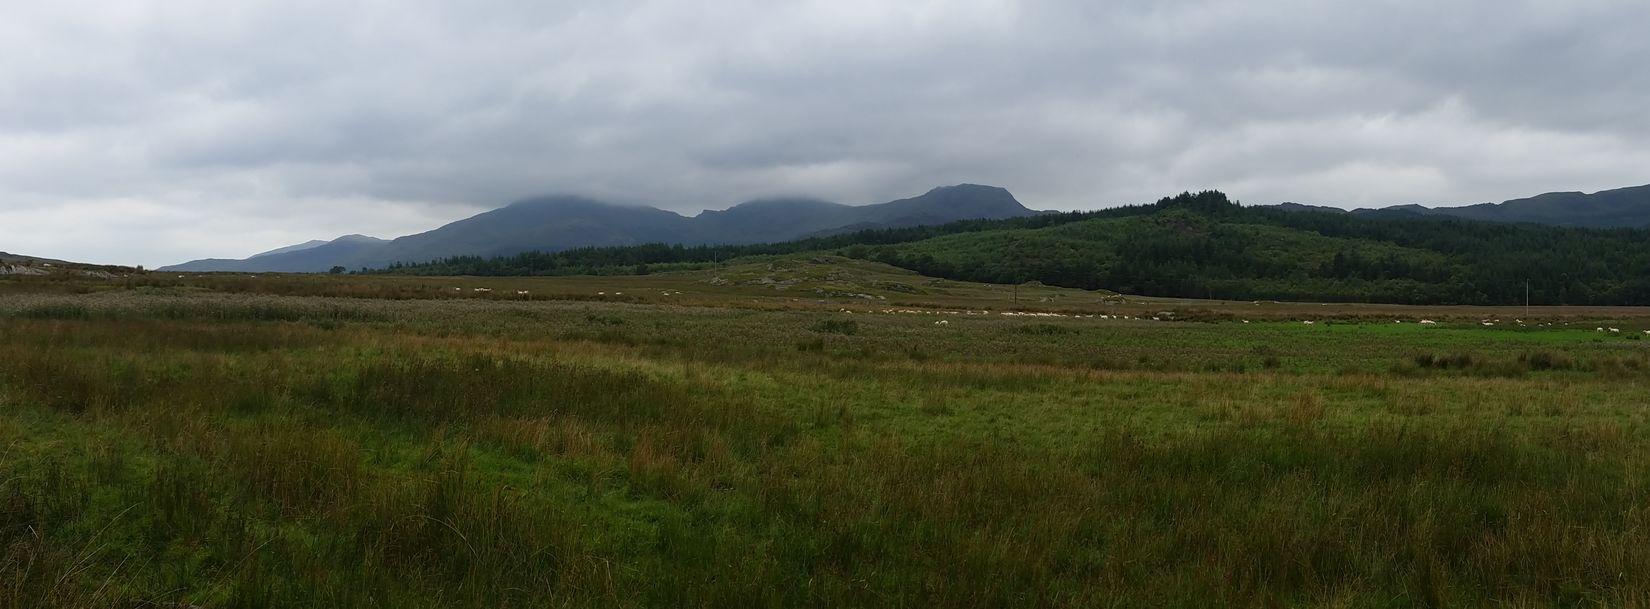 nice drive around Snowdonia today